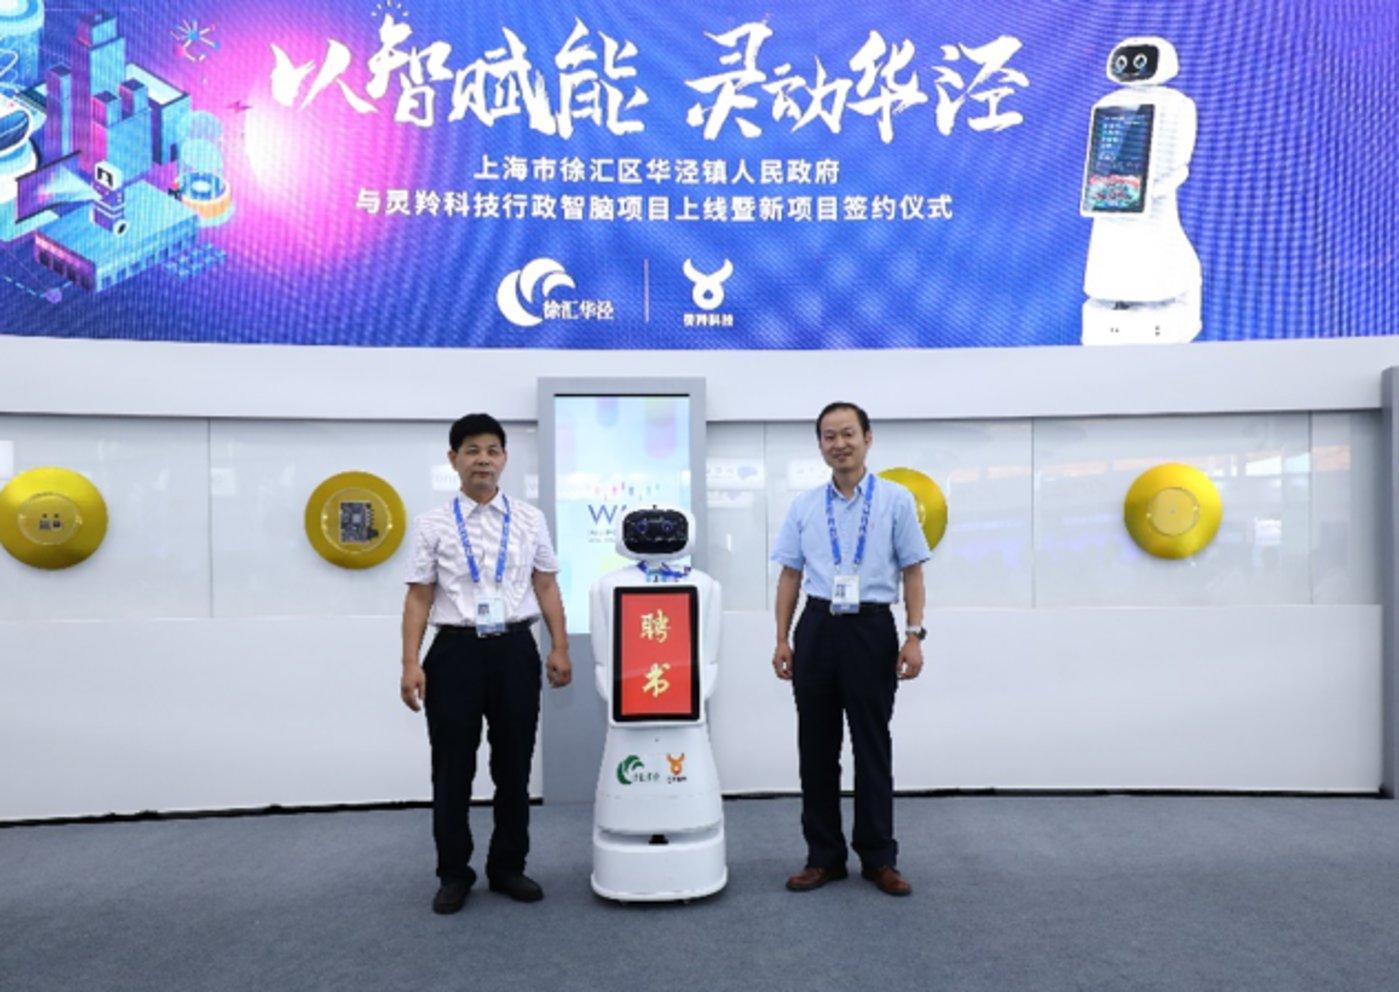 """灵羚科技的""""小华机器人""""首先在上海徐汇区华泾镇政府落地。"""